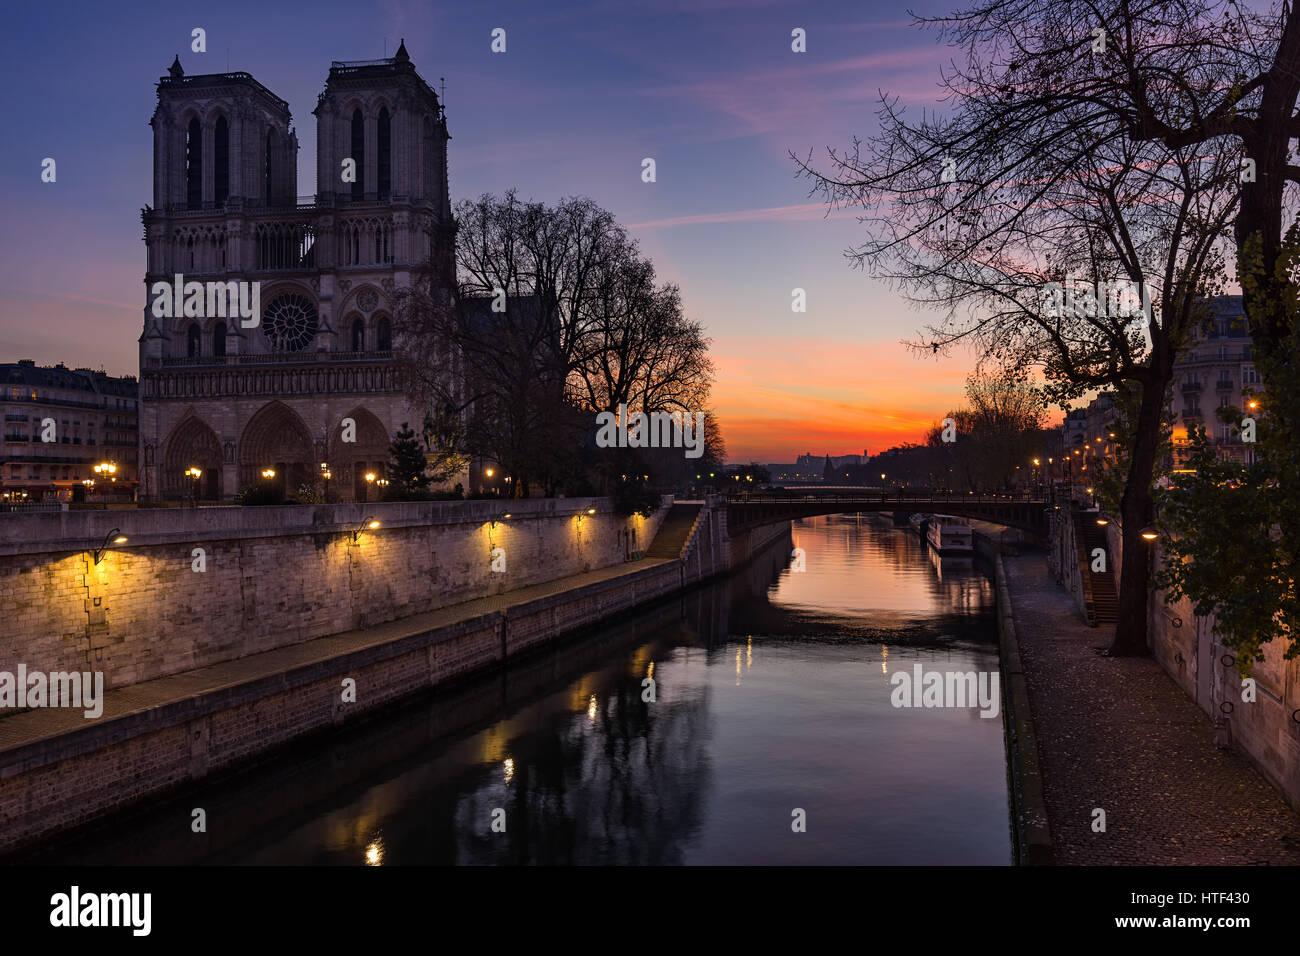 La cathédrale Notre Dame de Paris au lever du soleil avec la Seine. L'Ile de La Cité. 4ème arrondissement, Photo Stock